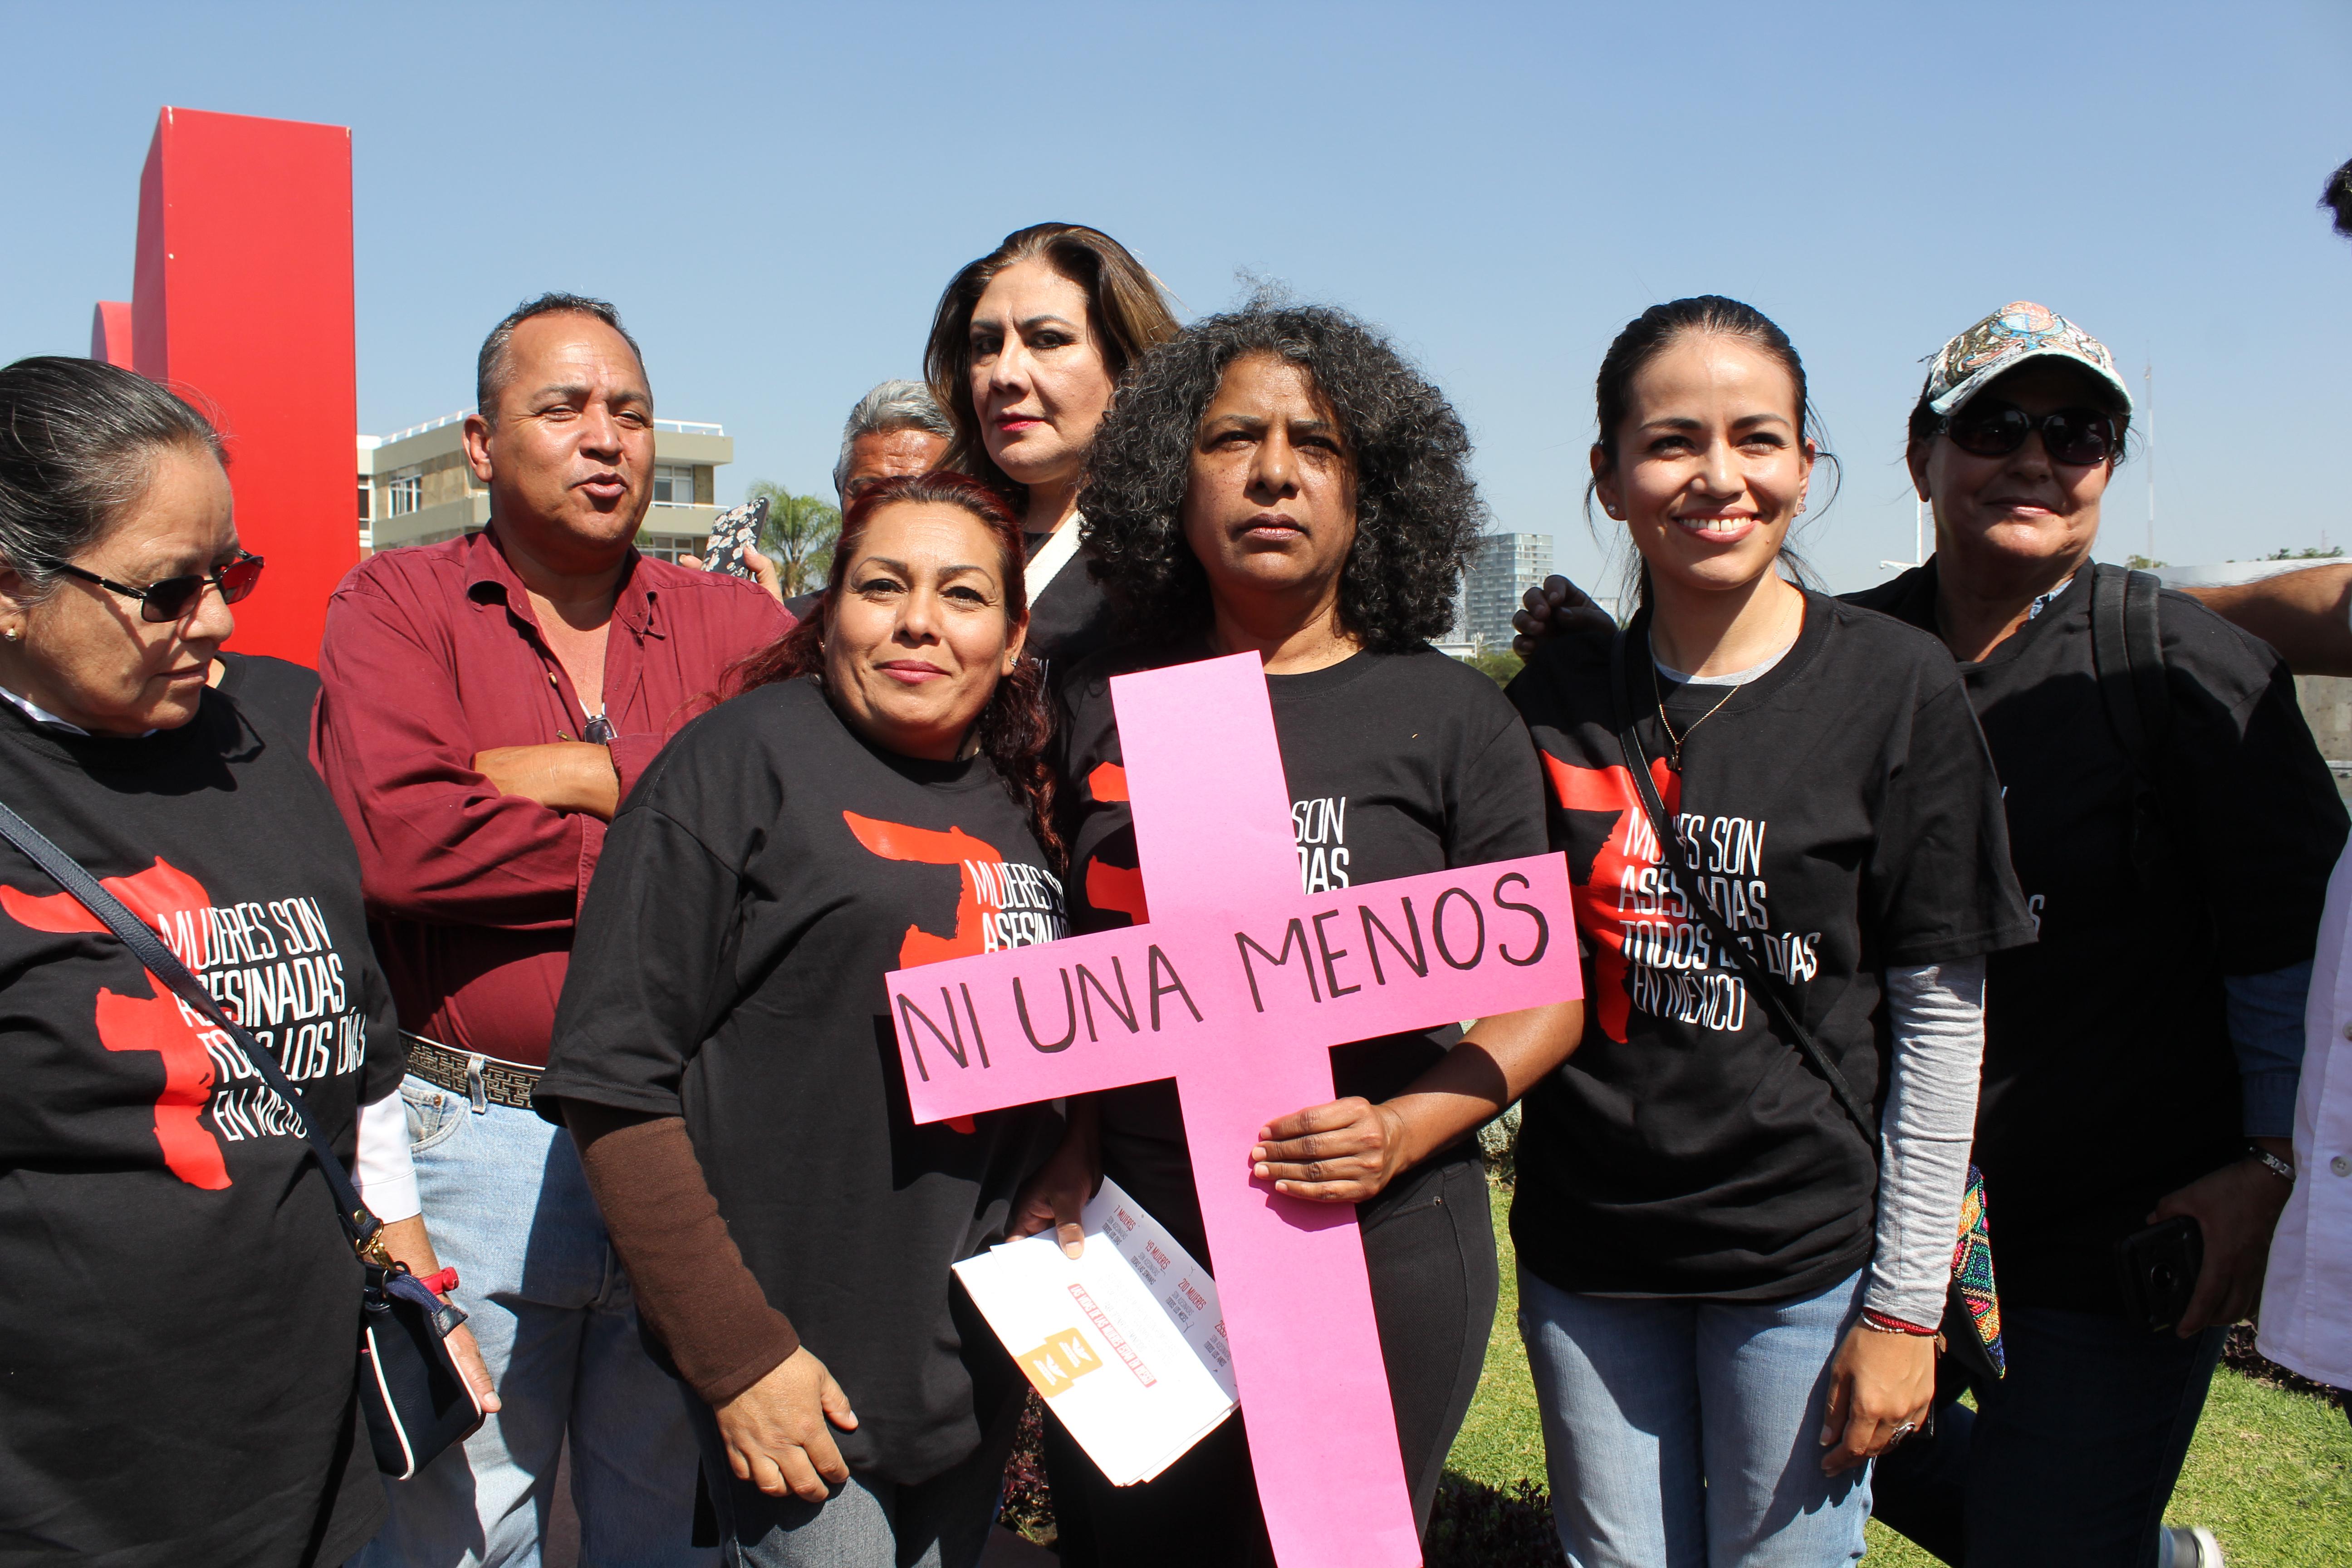 Salen a las calles a evidenciar que en México asesinan 7 mujeres todos los días